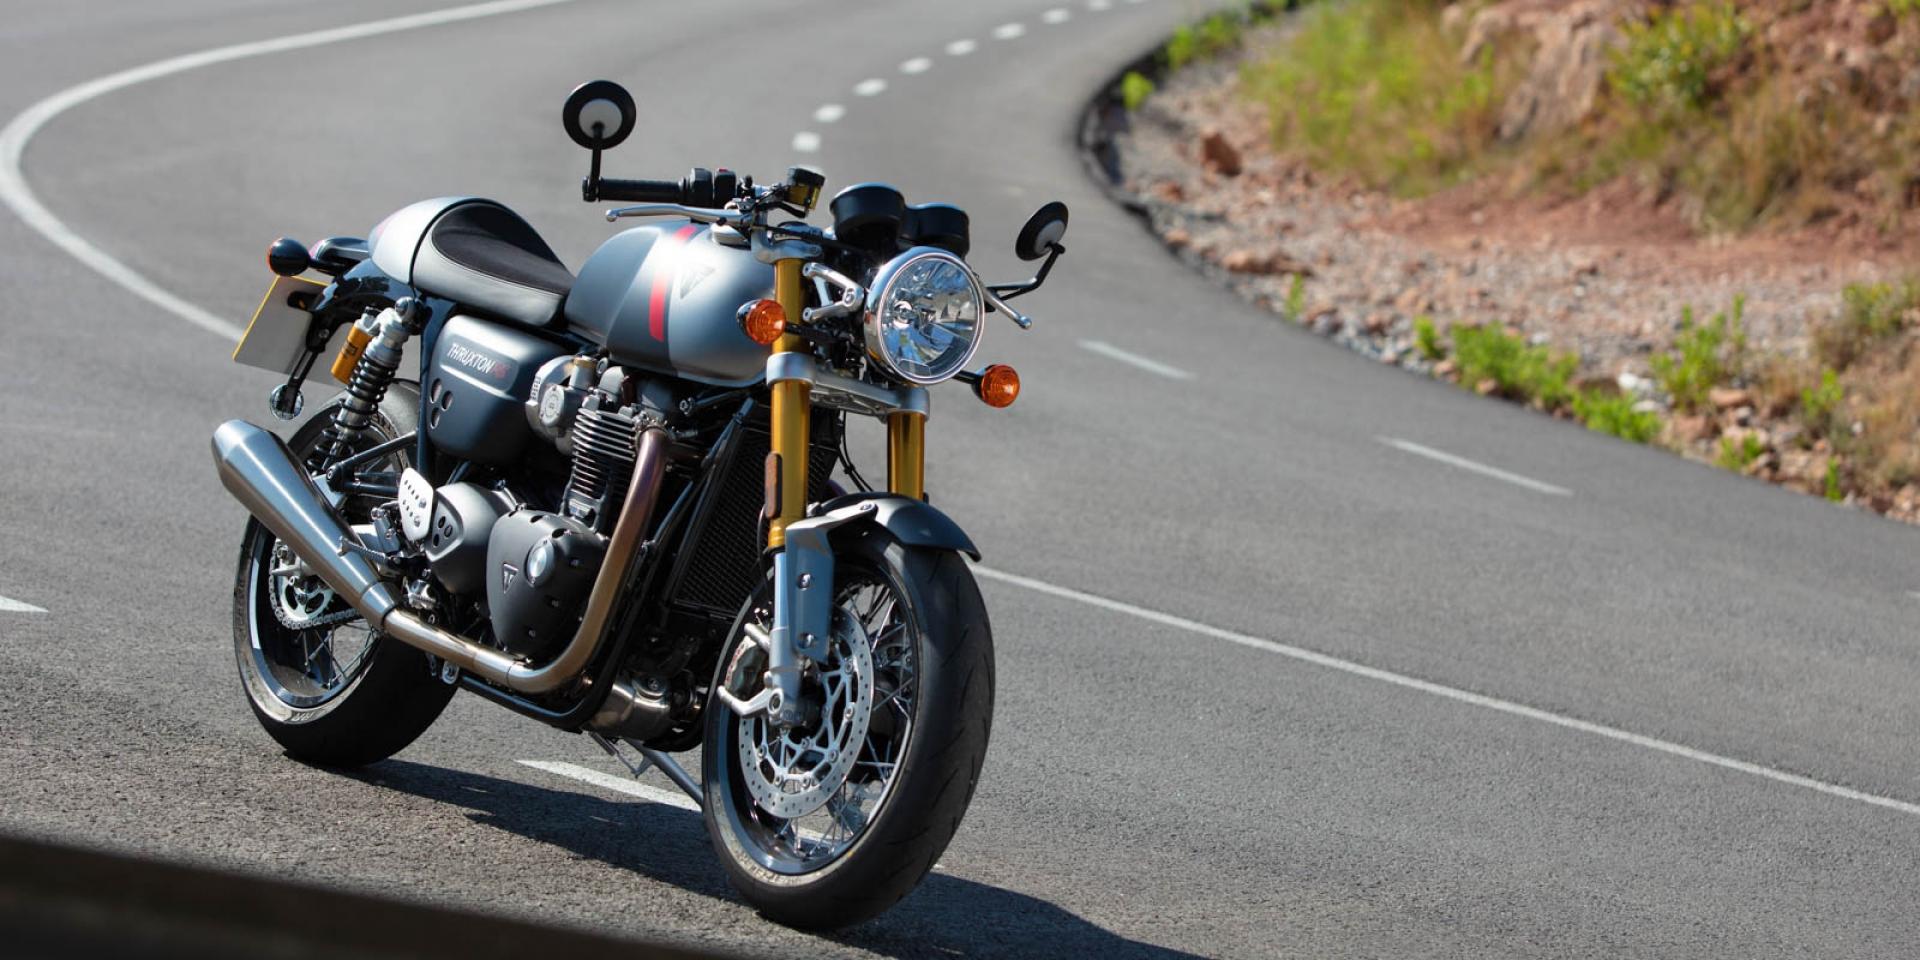 官方新聞稿。純正血統的Cafe' Racer,復古跑格Thruxton RS再進化,81.8萬正式開售